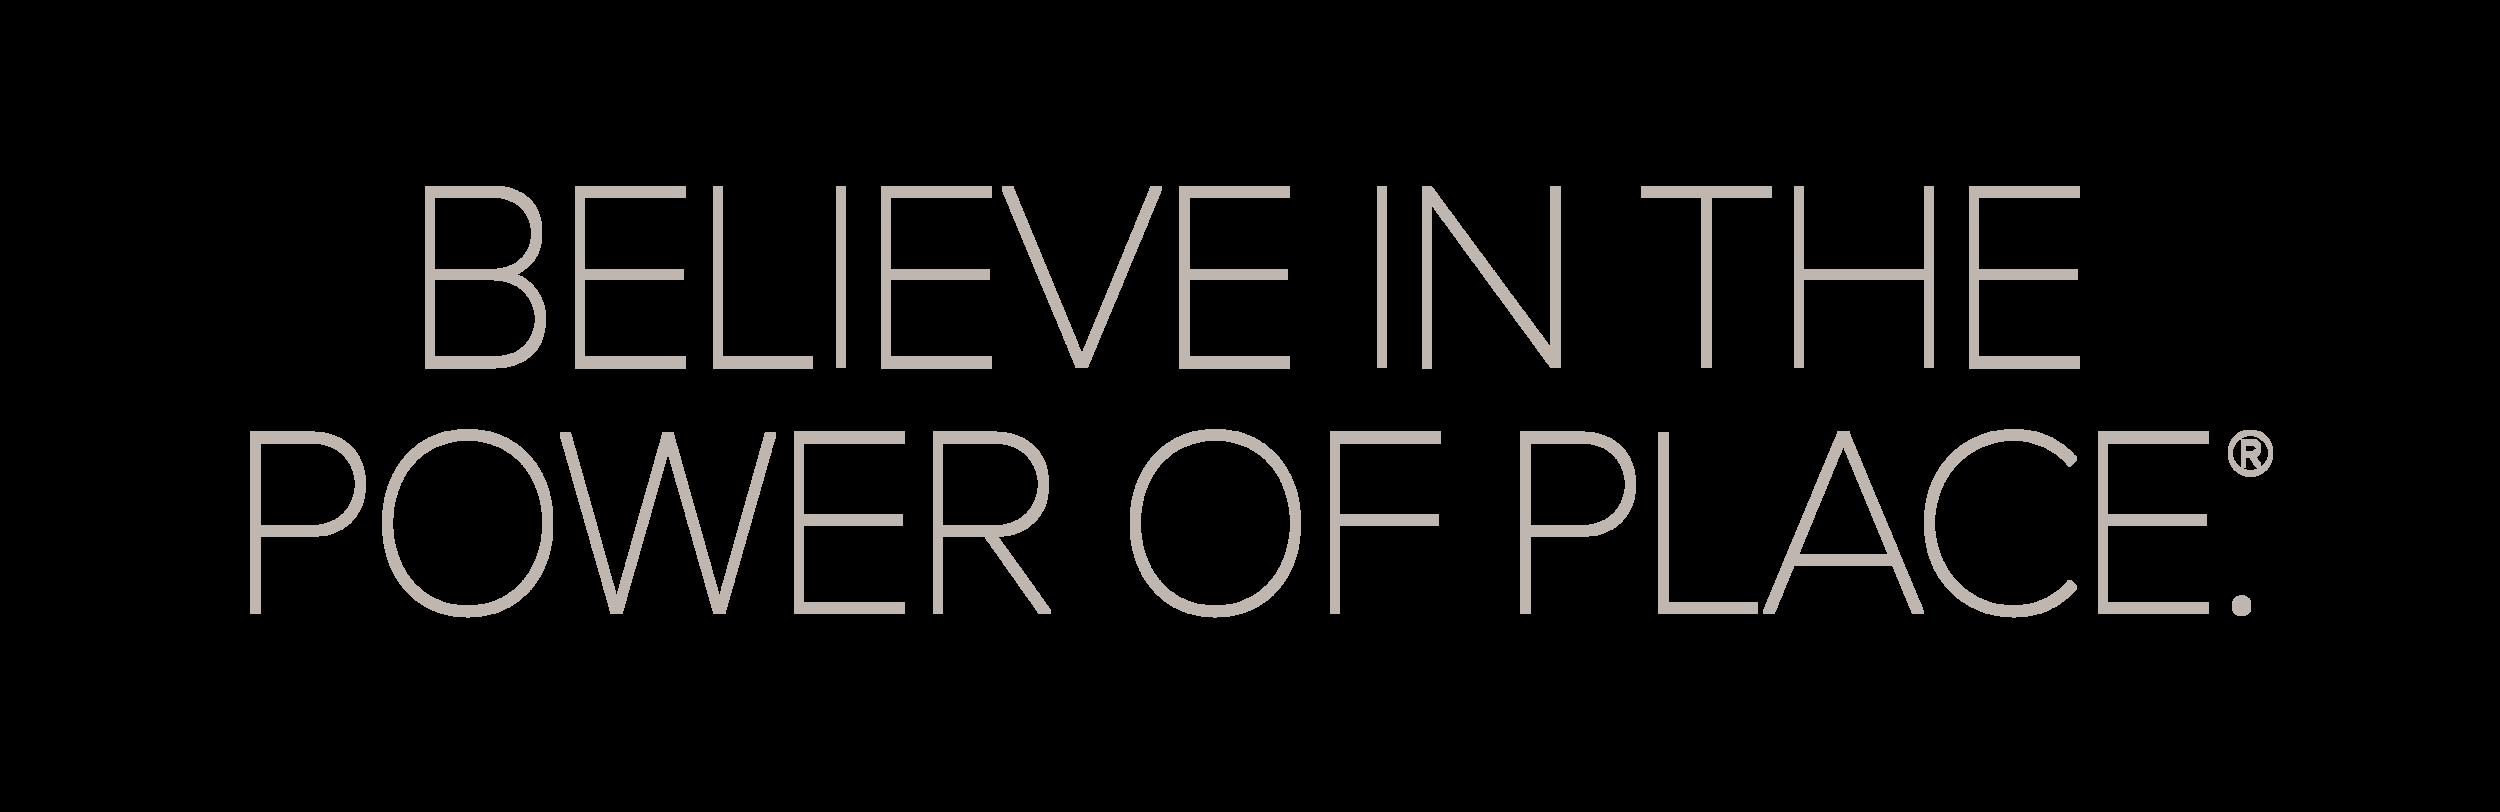 believeinthepowerofplace-01-01.png